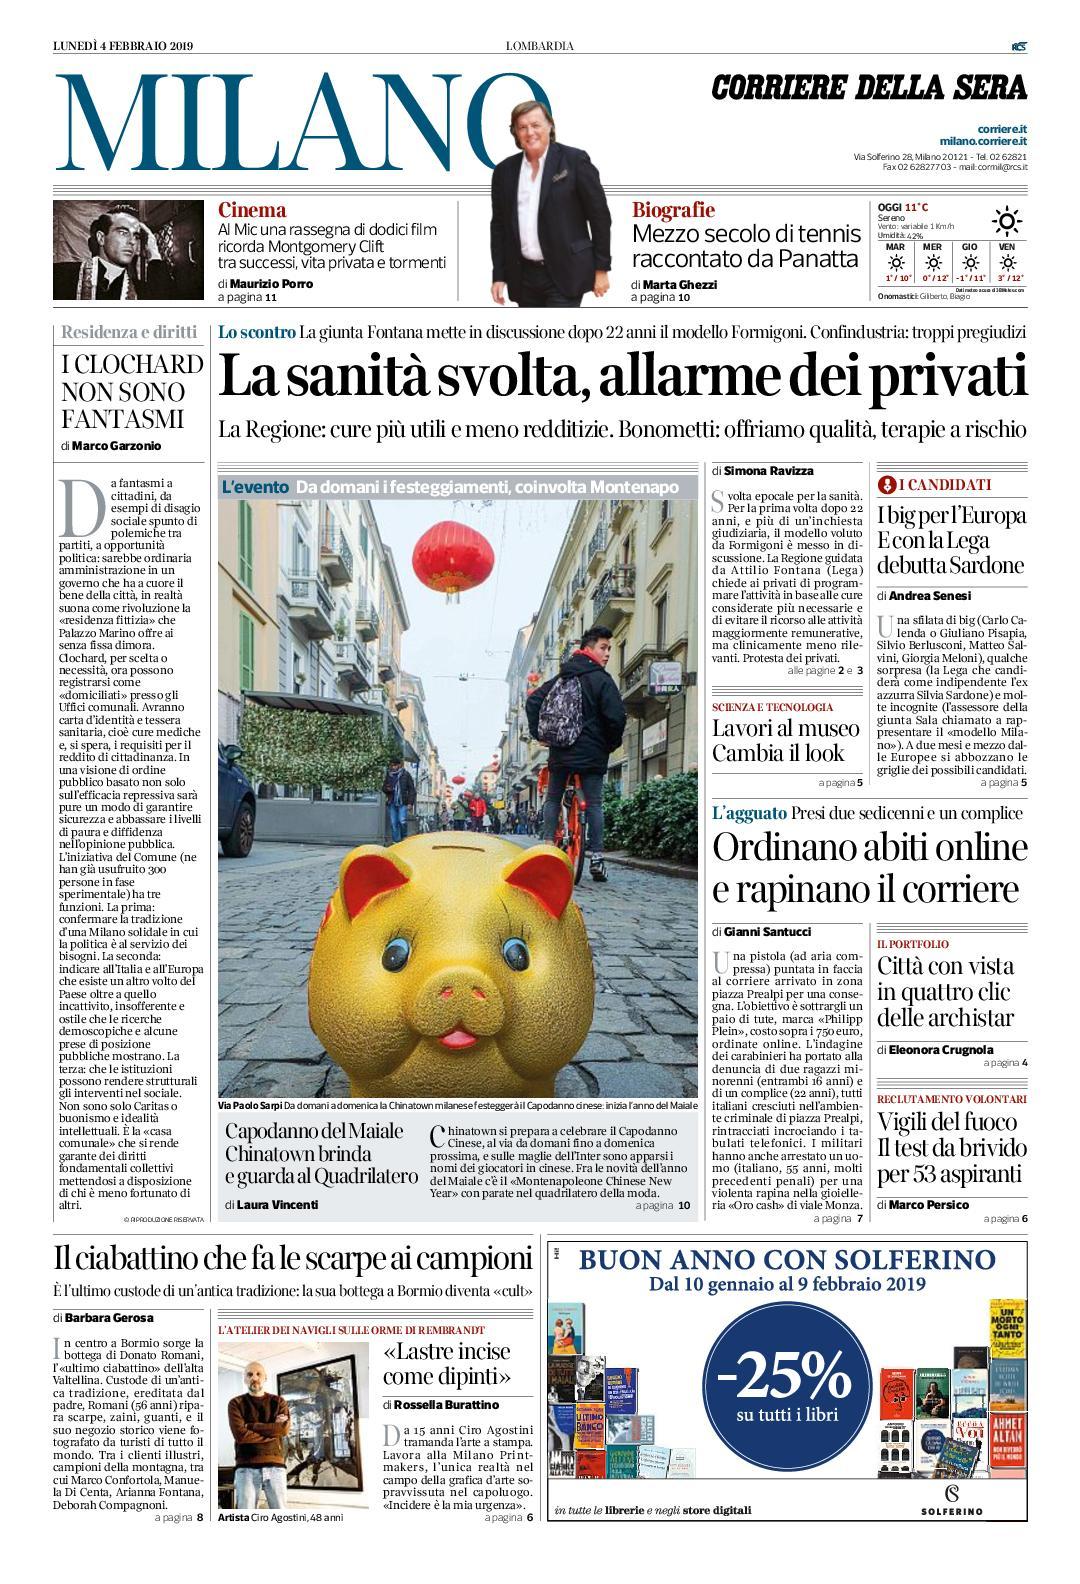 Calaméo Corriere Della Sera Milano 4 Febbraio 2019 By Pd S